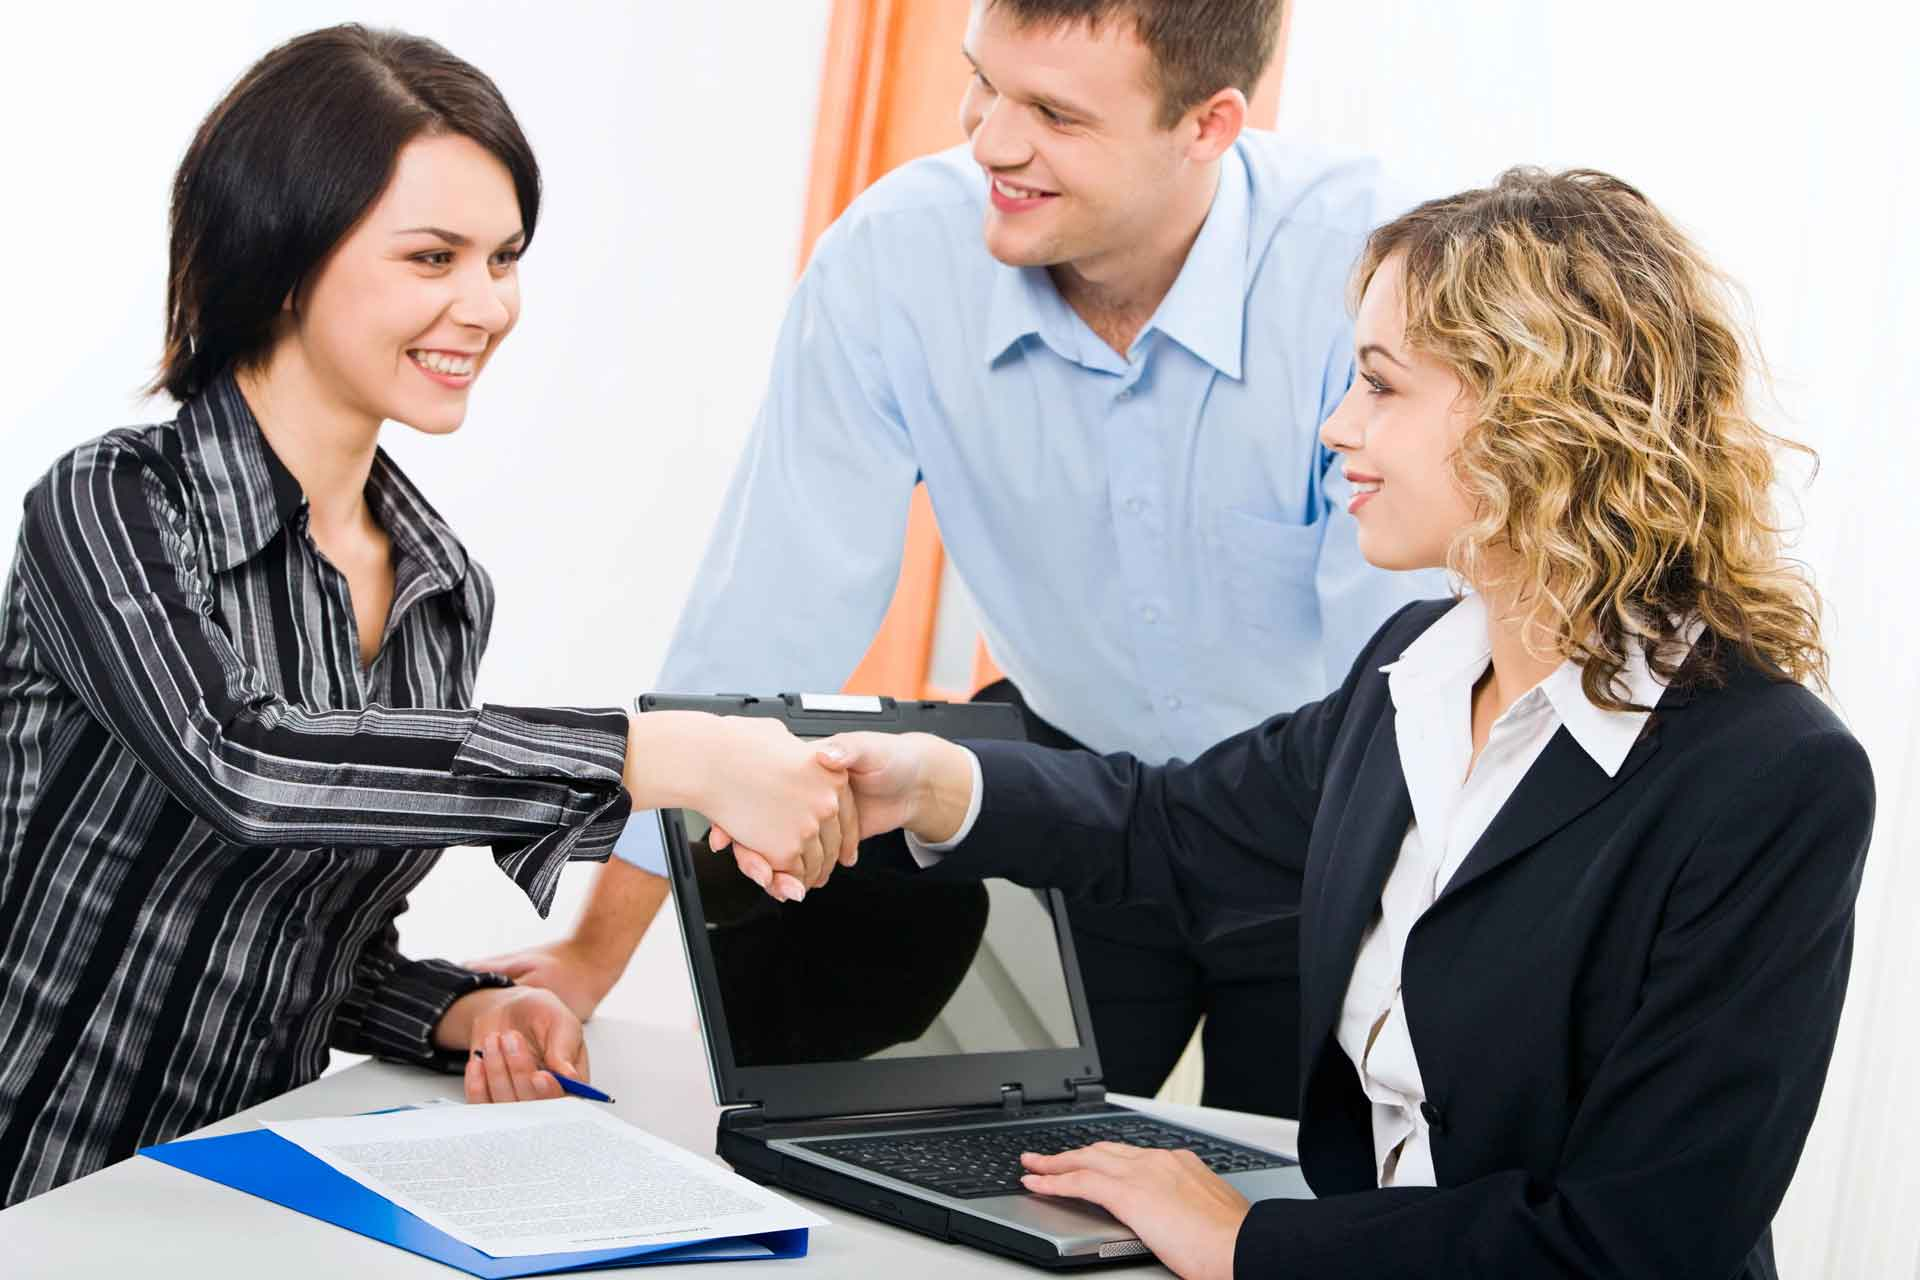 Вебинар: 10 золотых правил защиты своего бизнеса и увеличения дохода для начинающих бизнесменов